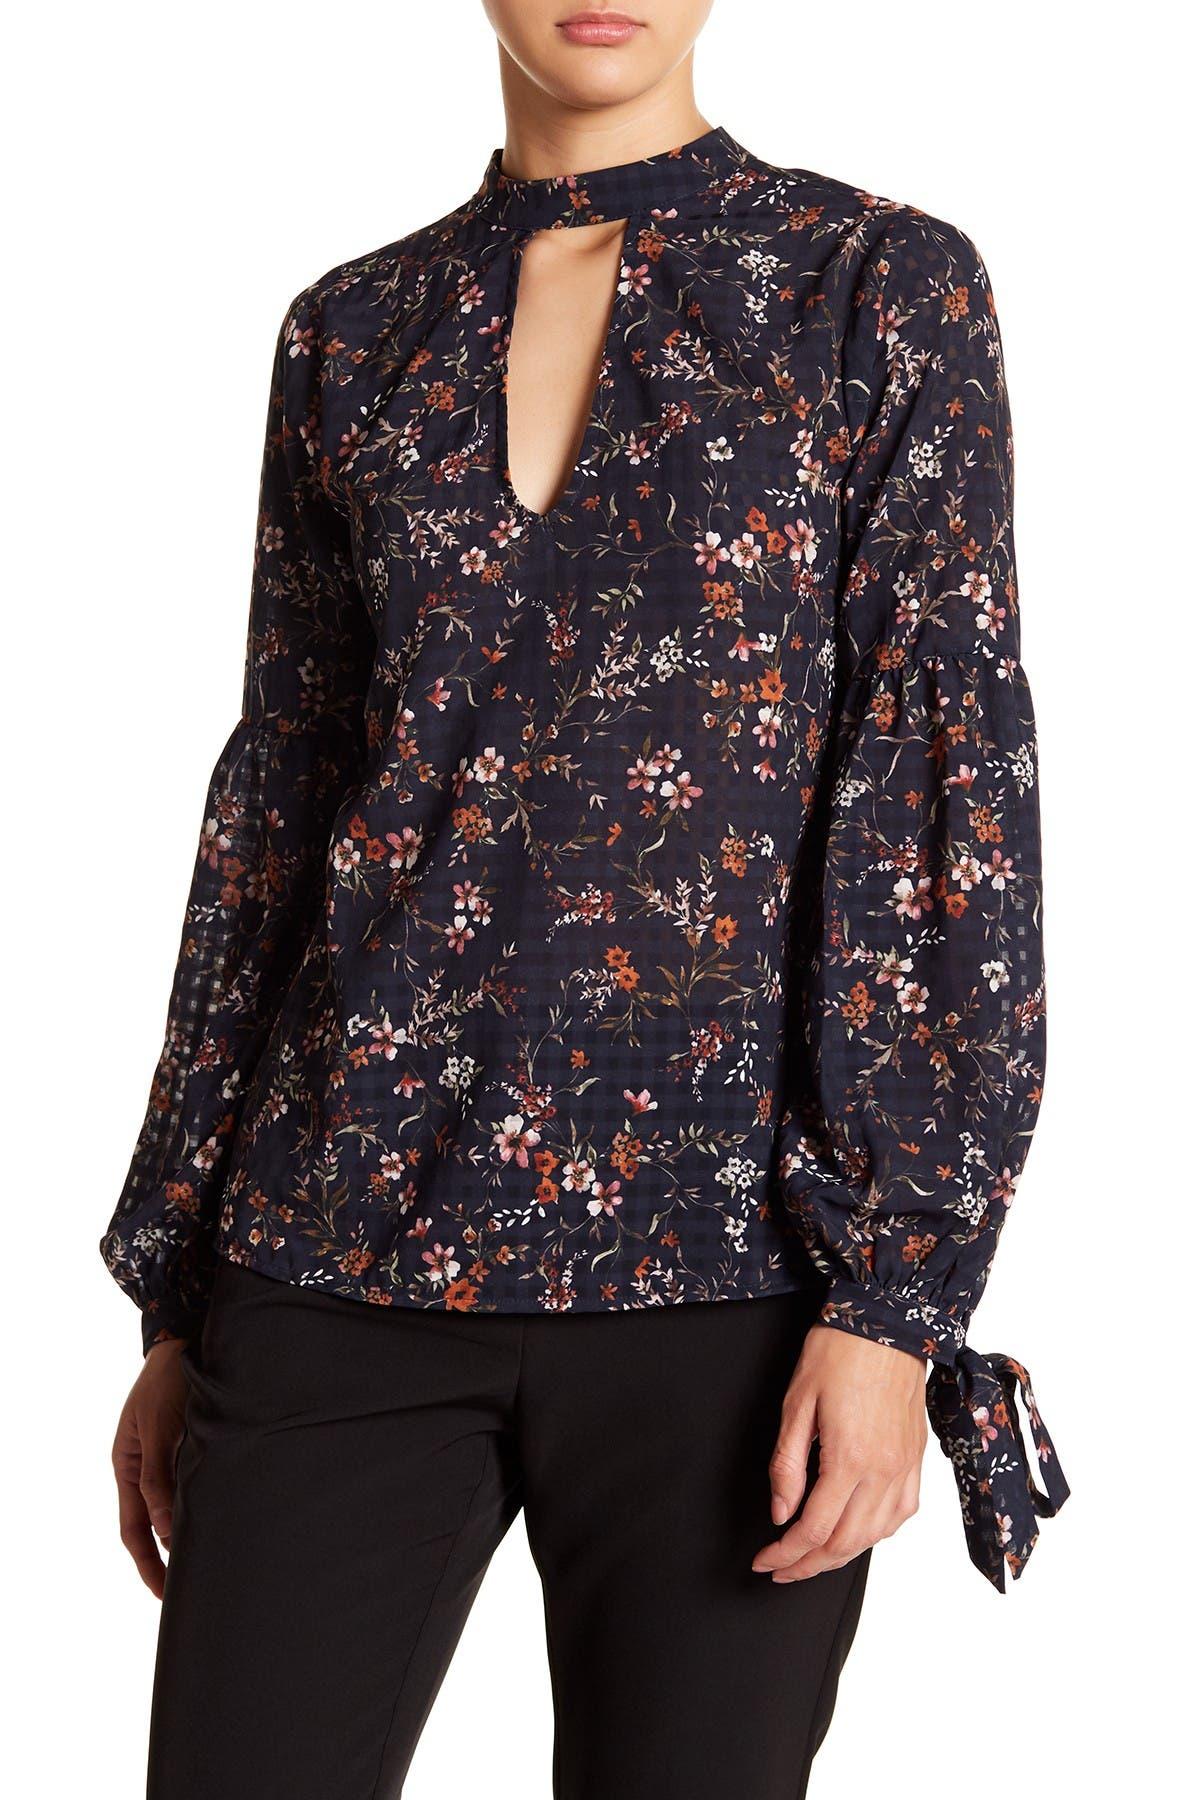 Image of Tularosa Eli Floral Keyhole Long Sleeve Blouse